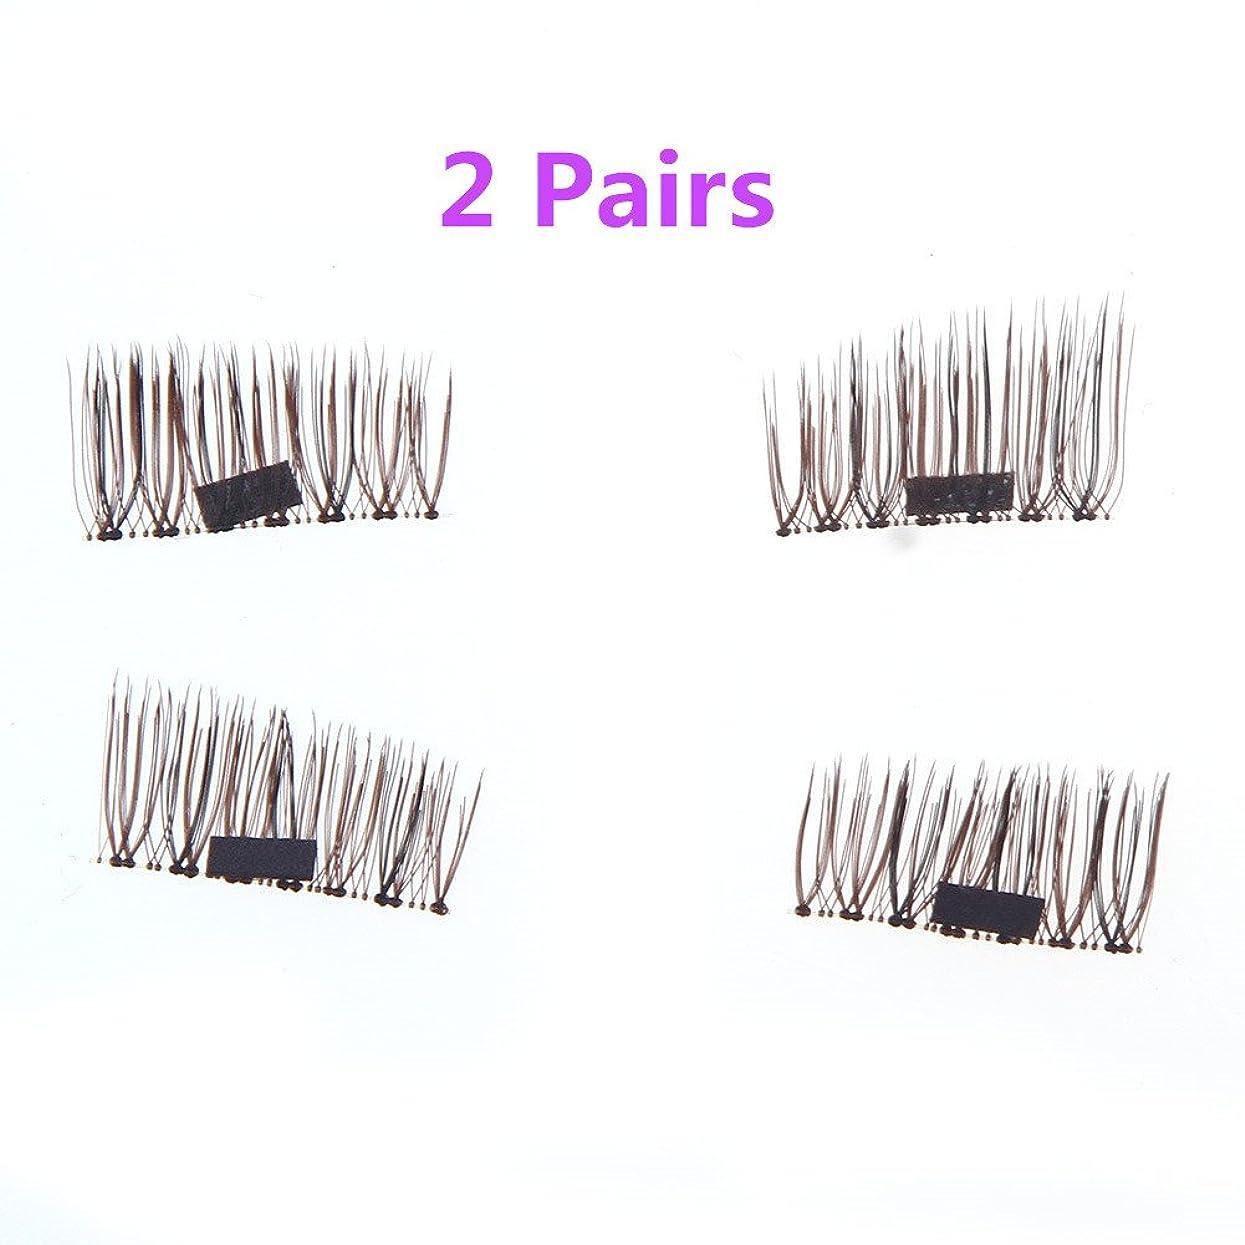 低下回転天使Cozyrom 2ペアセット つけまつげ 磁気 3D マグネット 付け睫毛 Magnet eyelashes 磁性 長い 再利用可能 濃密 簡単に装着 手作り